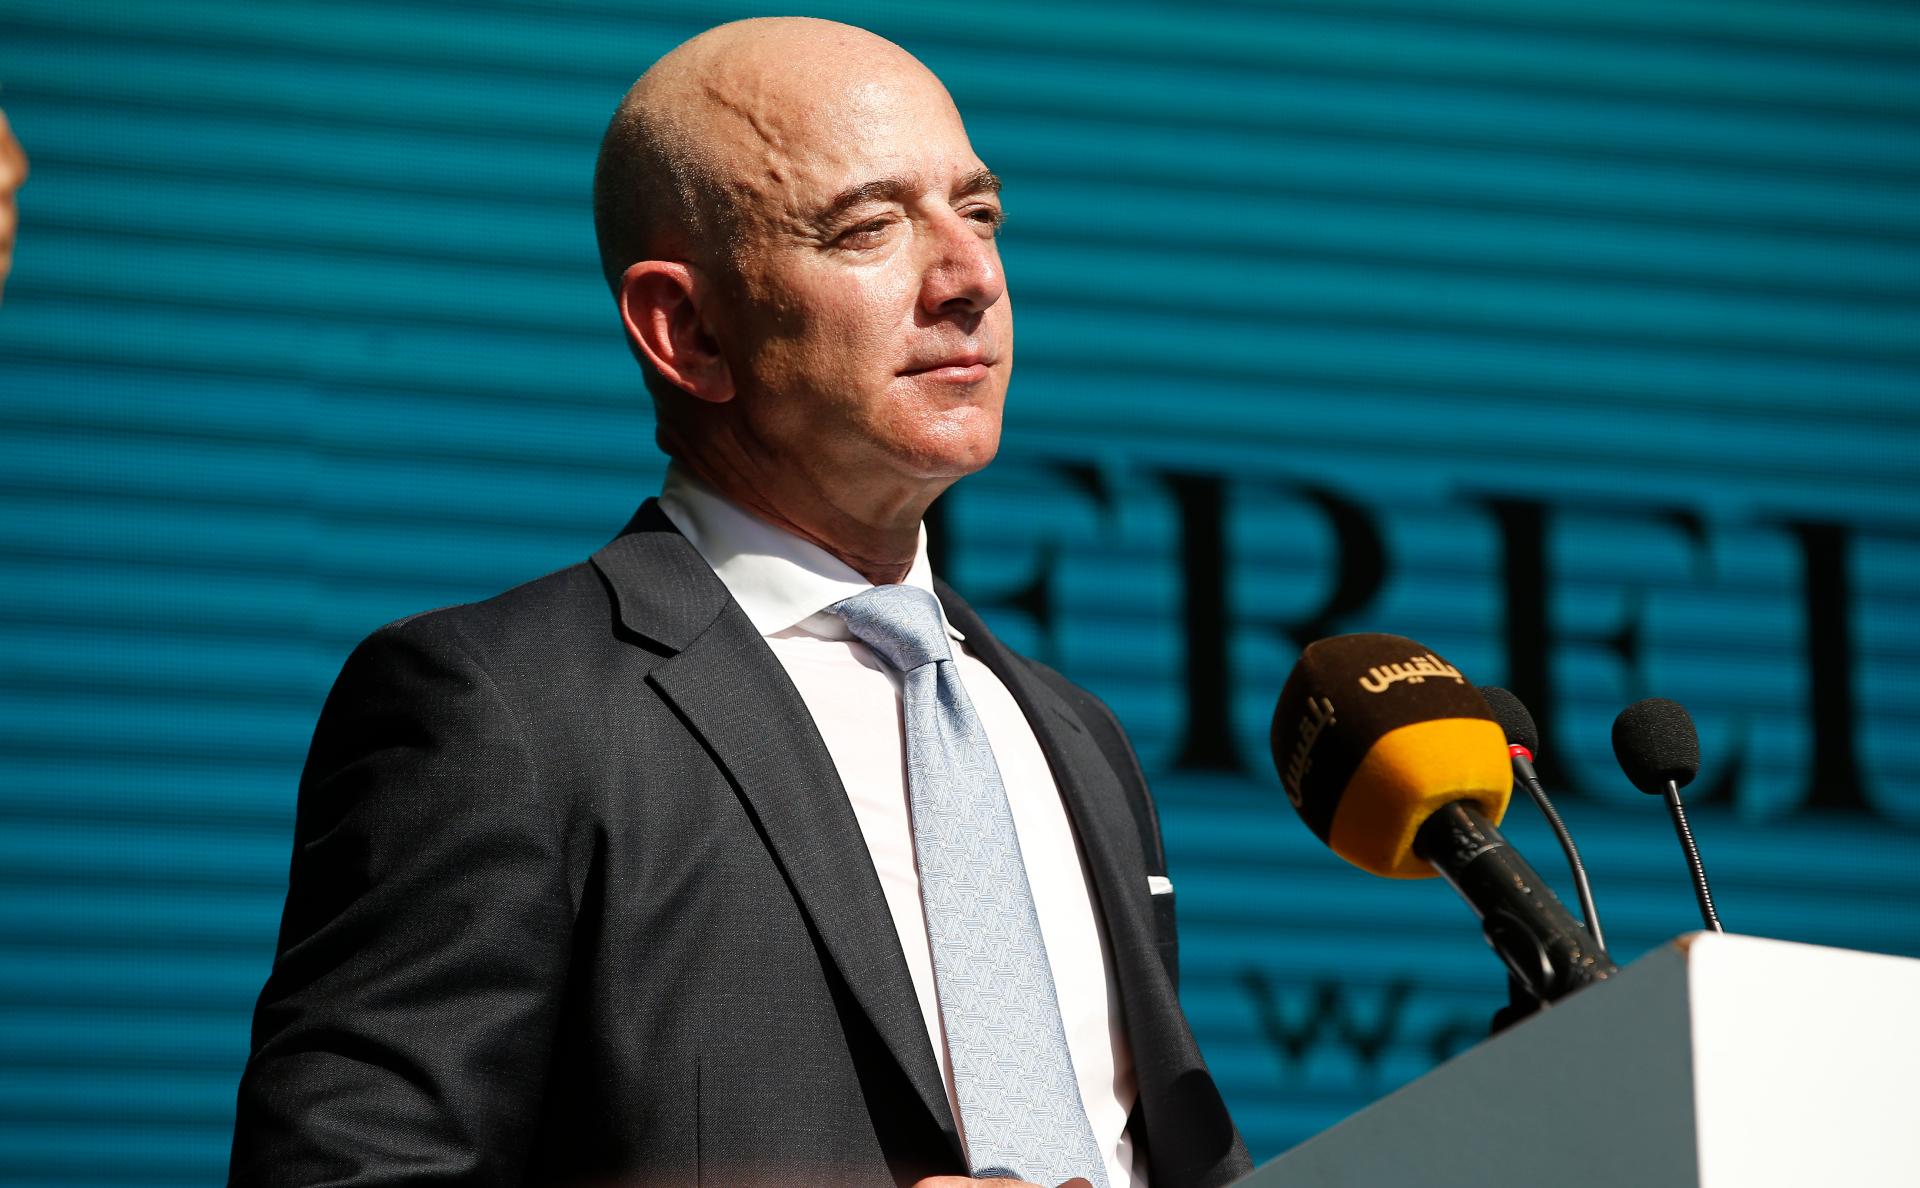 Основатель Amazon Безос пожертвовал $791 млн на защиту окружающей среды